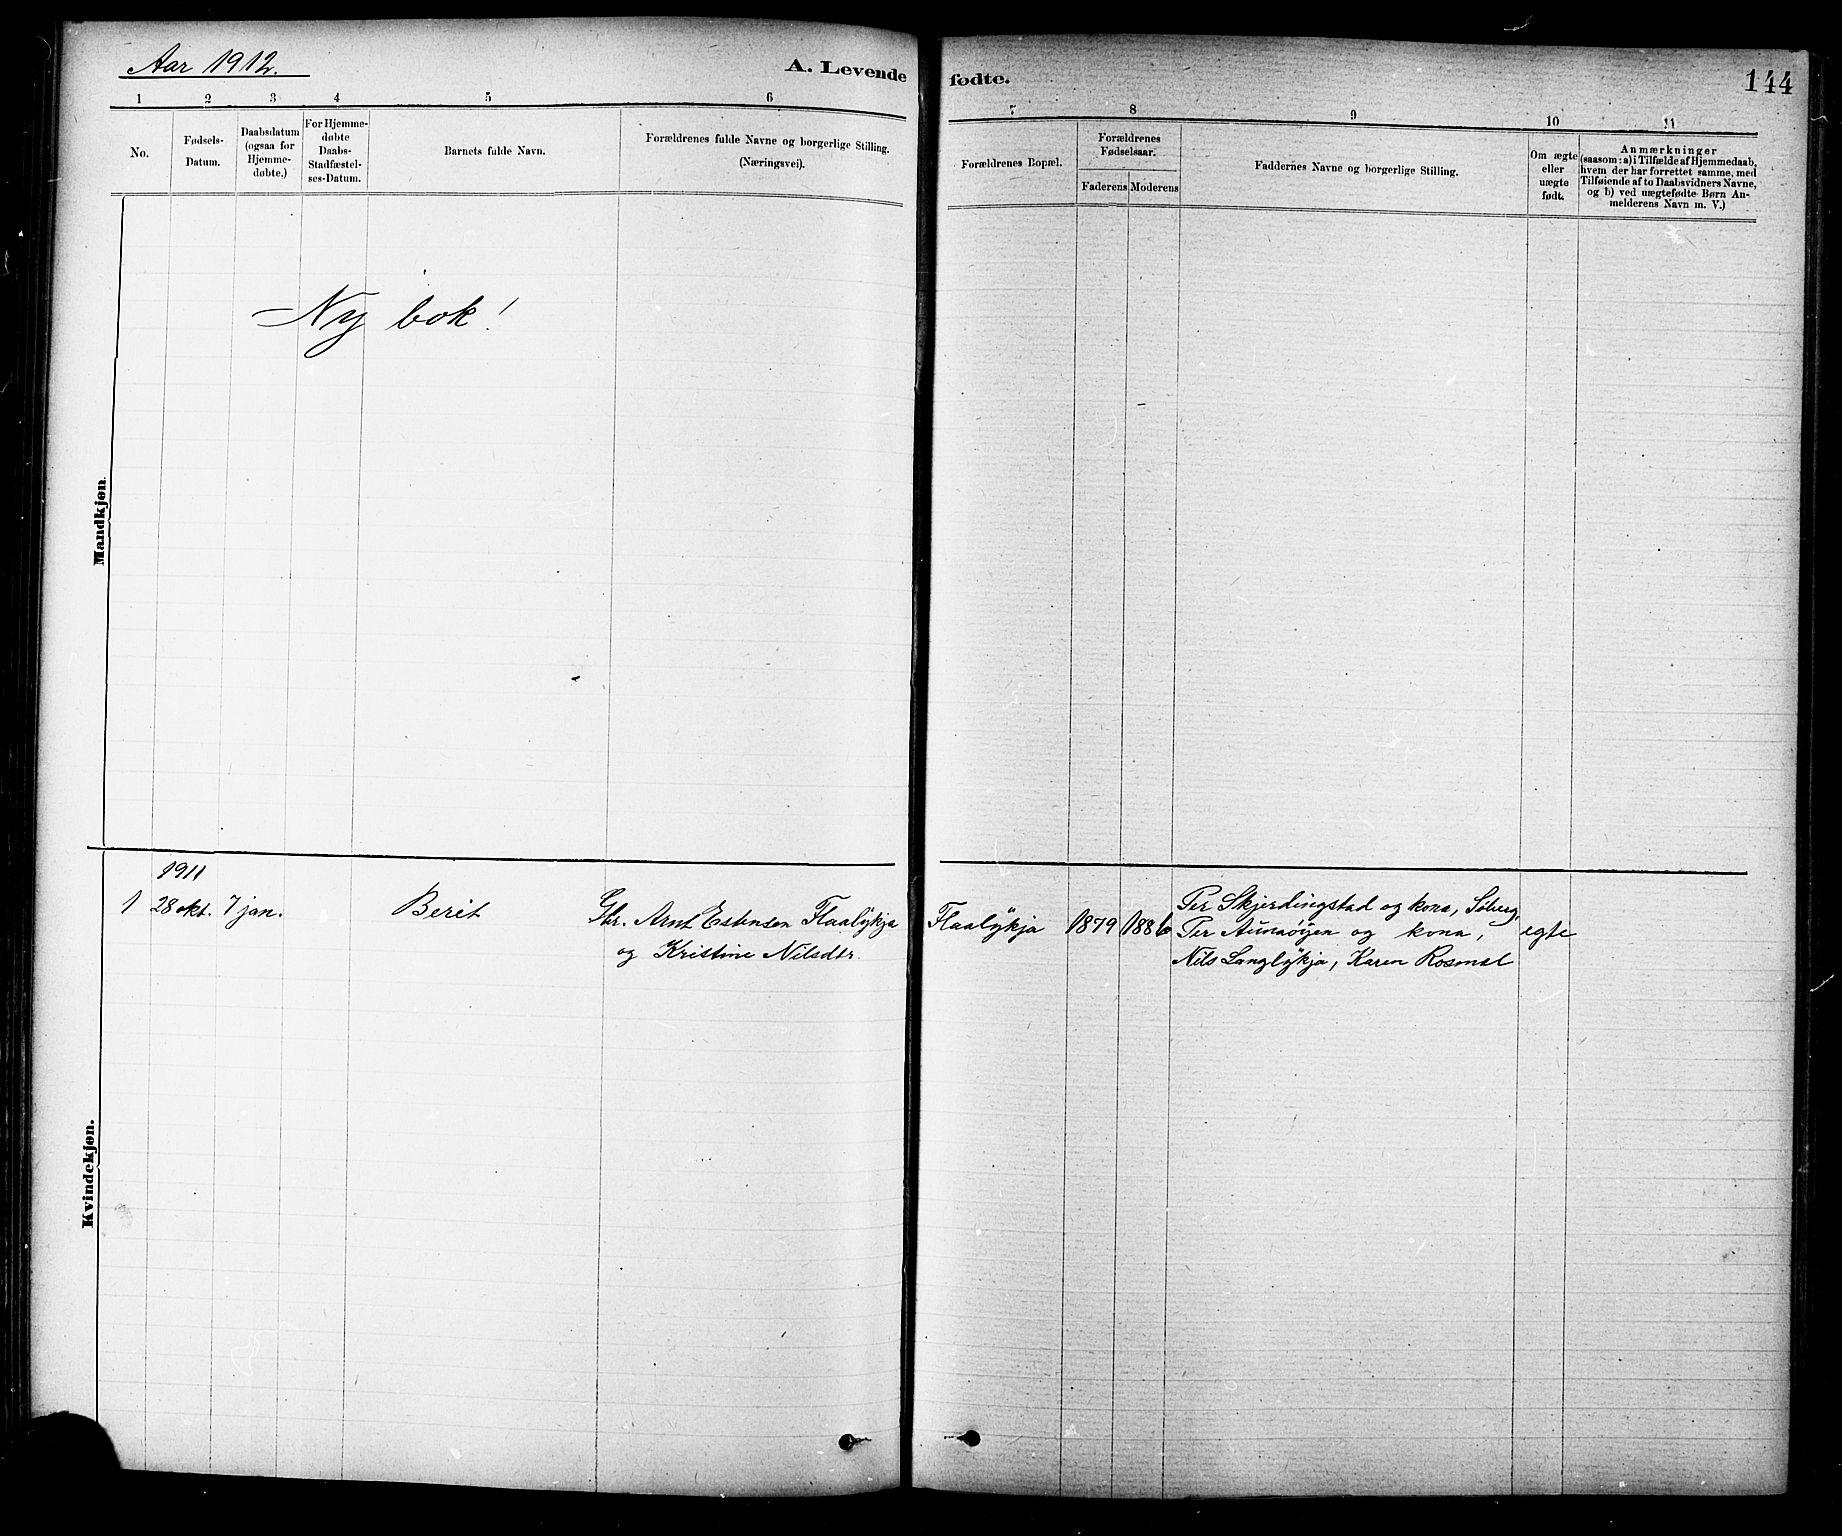 SAT, Ministerialprotokoller, klokkerbøker og fødselsregistre - Sør-Trøndelag, 691/L1094: Klokkerbok nr. 691C05, 1879-1911, s. 144